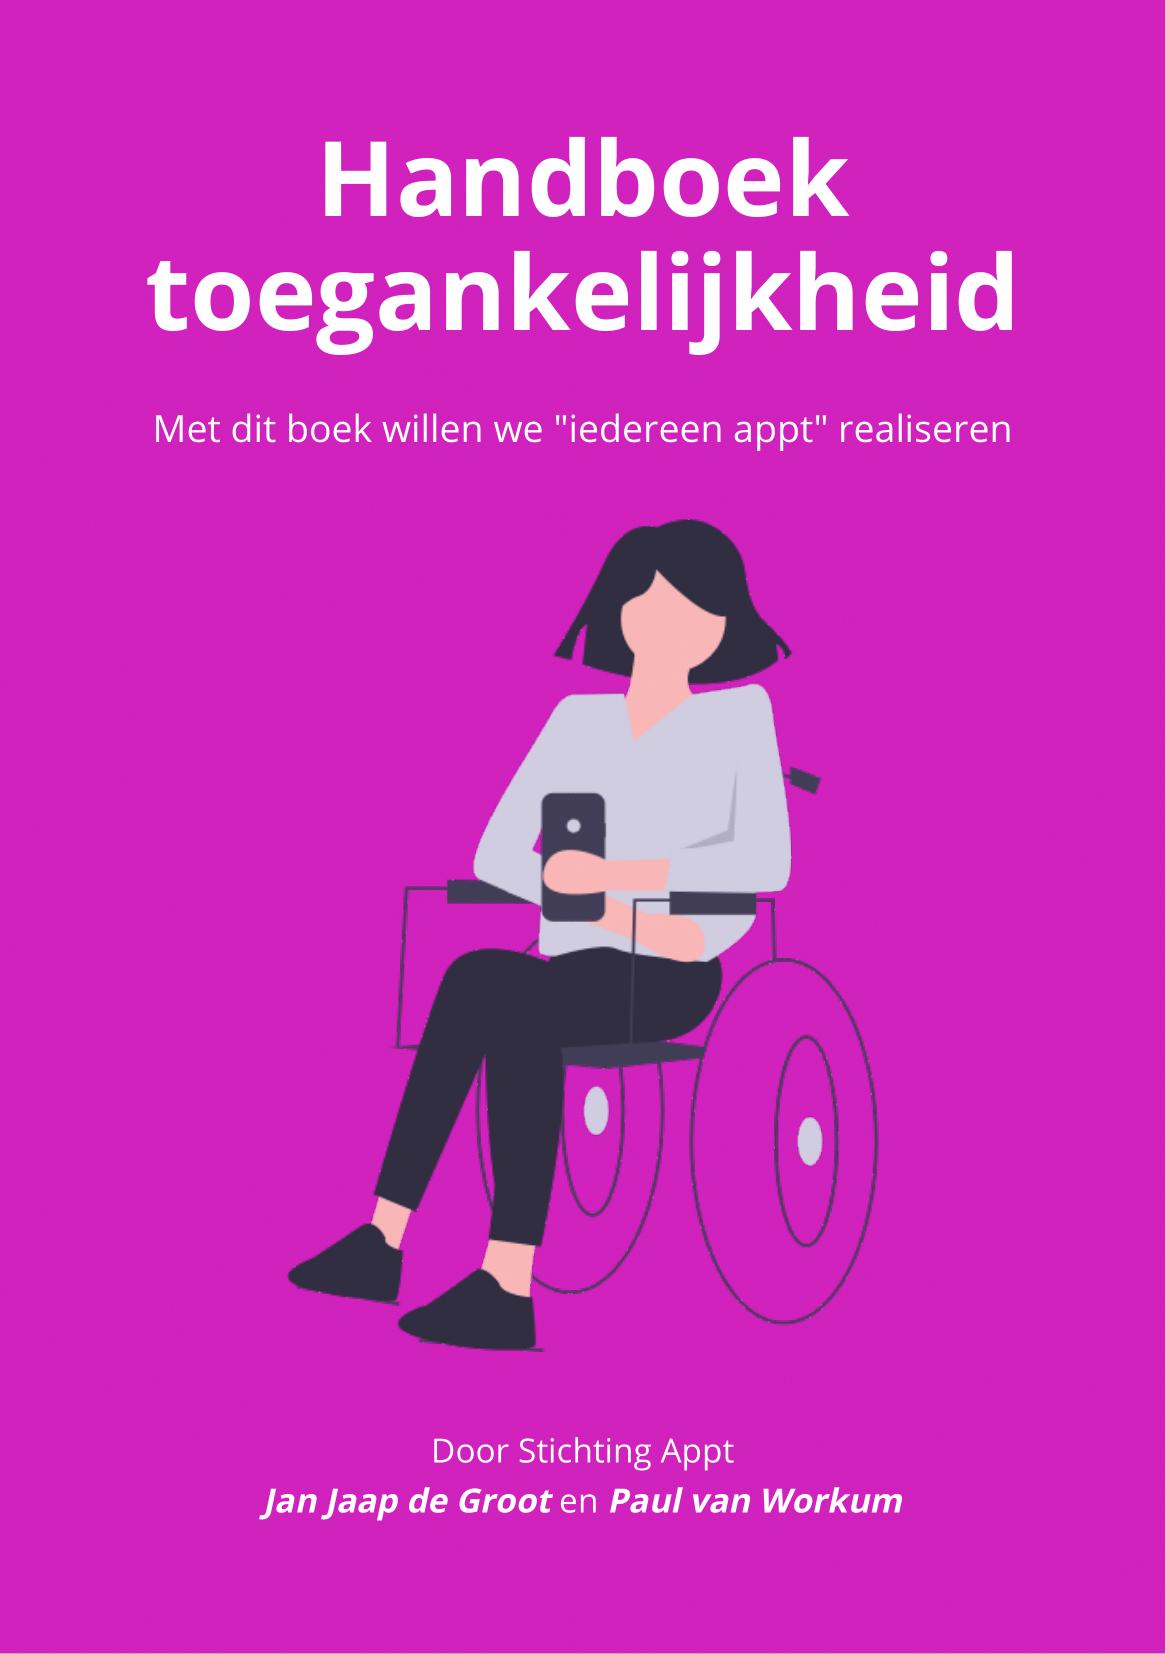 """Op de voorkant van het Handboek Toegankelijkheid is een vrouw in een rolstoel te zien met een telefoon in haar hand. De auteurs van het boek zijn Jan Jaap de Groot en Paul van Workum. Het doel van het handboek is om de missie """"iedereen appt"""" te realiseren."""